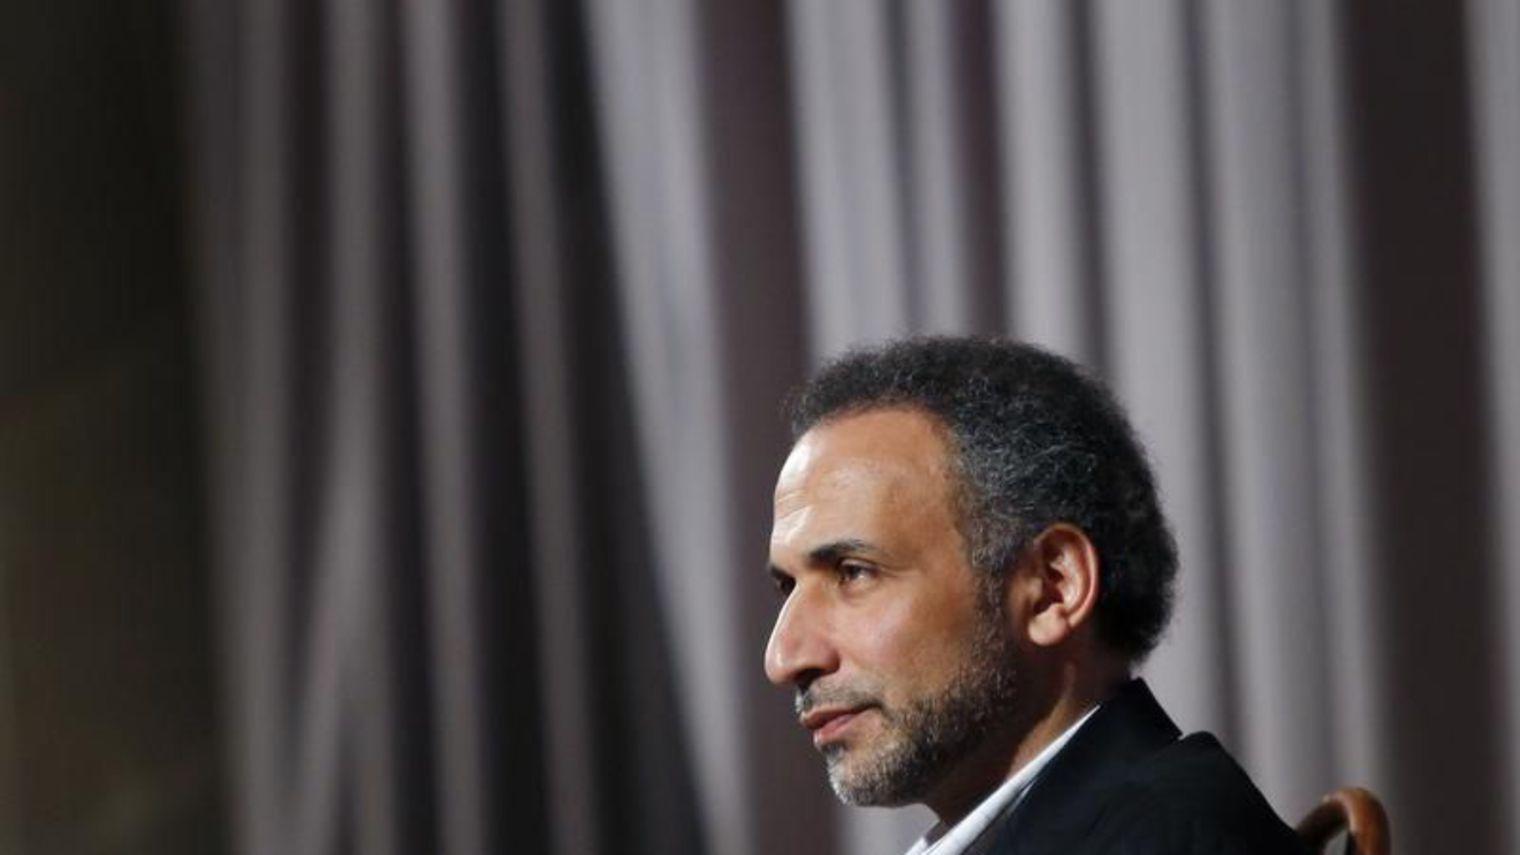 Tariq Ramadan aurait harcelé et couché avec des mineures selon La Tribune de Genève